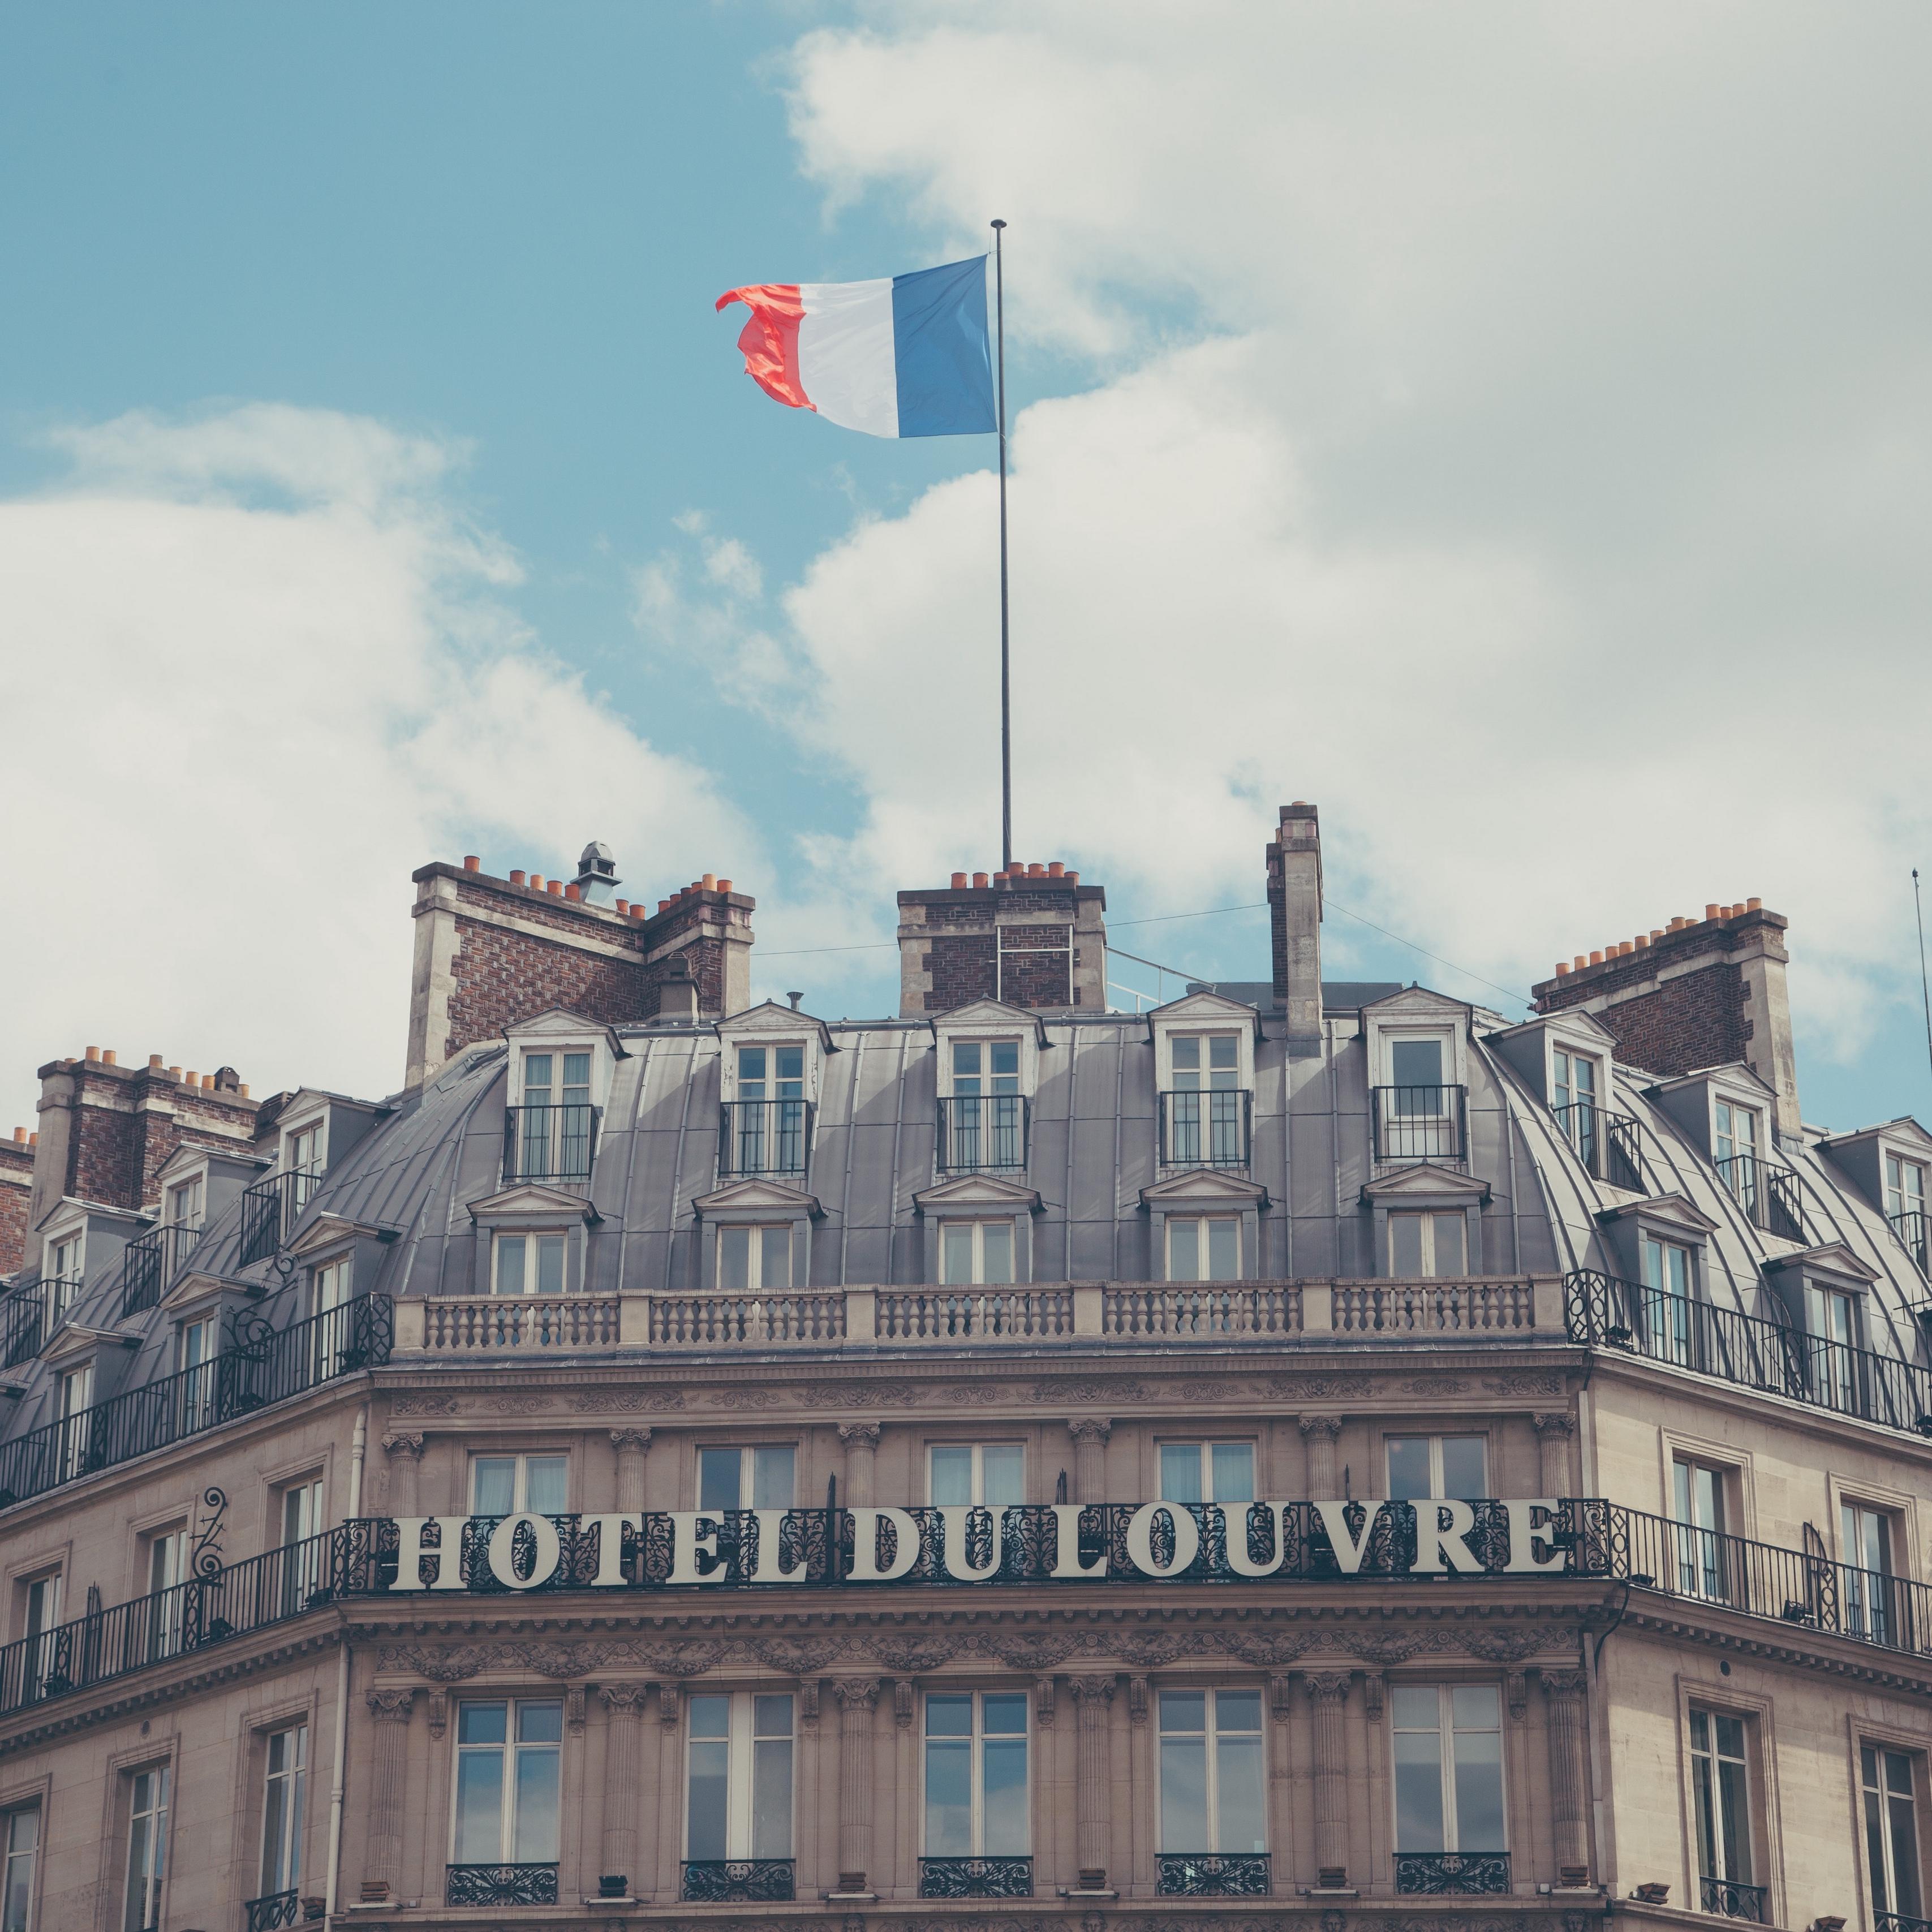 Download wallpaper 3415x3415 paris france hotel hotel du louvre 3415x3415